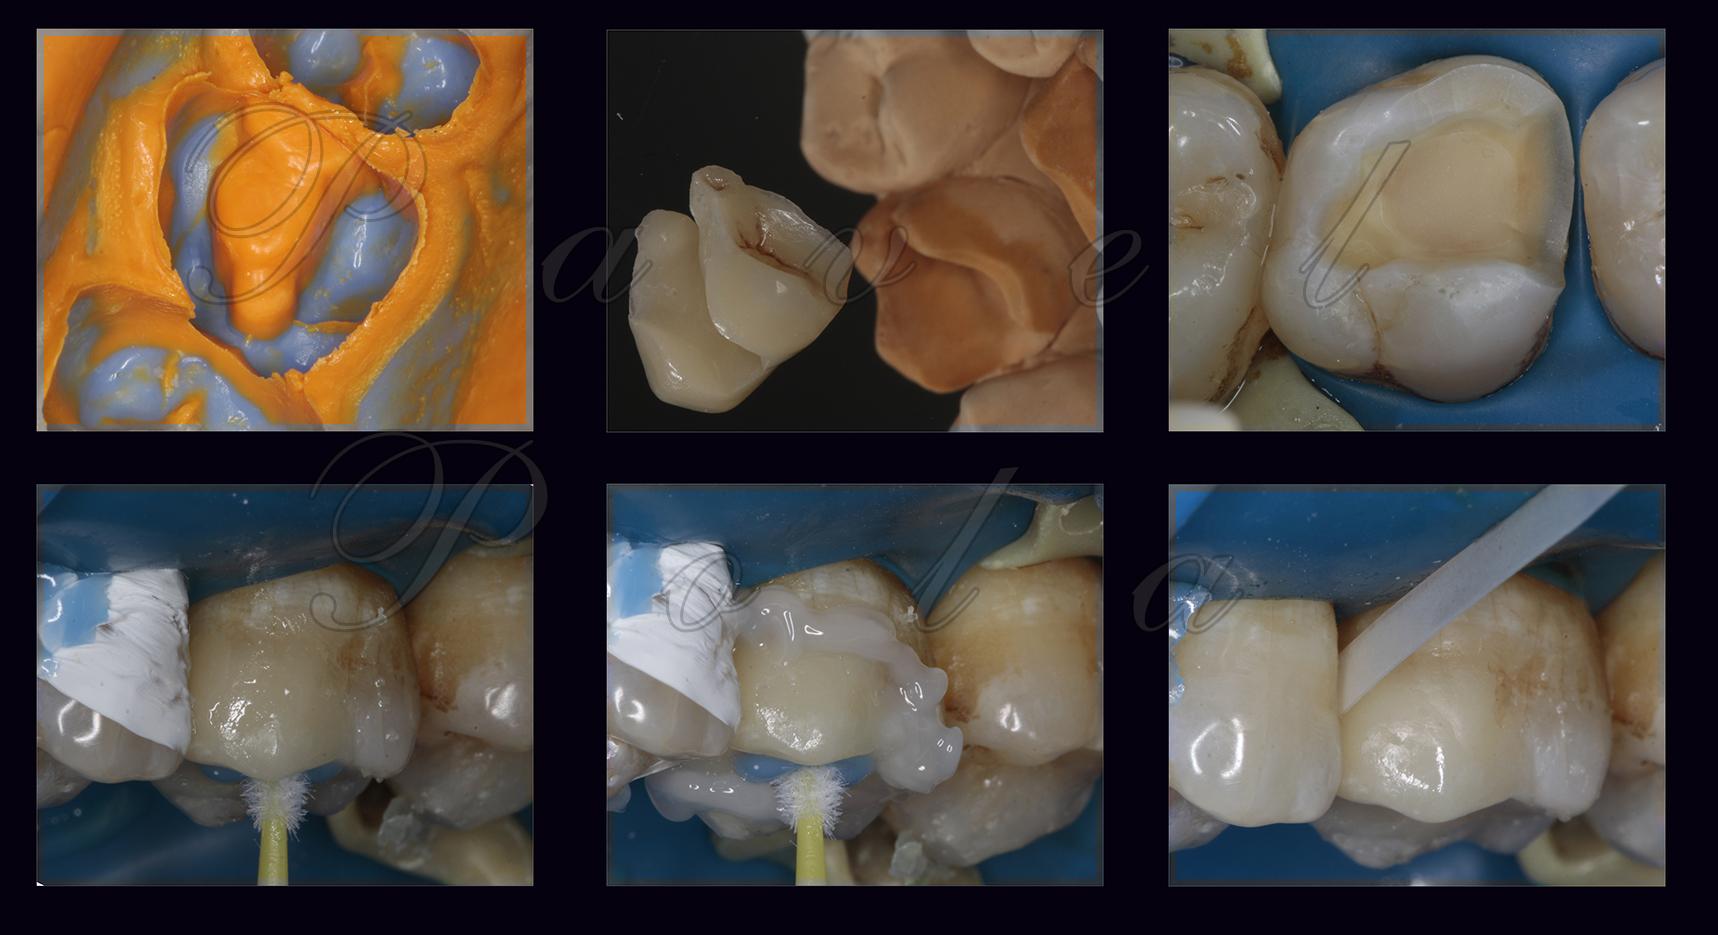 Зубная пломба на зуб в домашних условиях: как запломбировать зуб самому